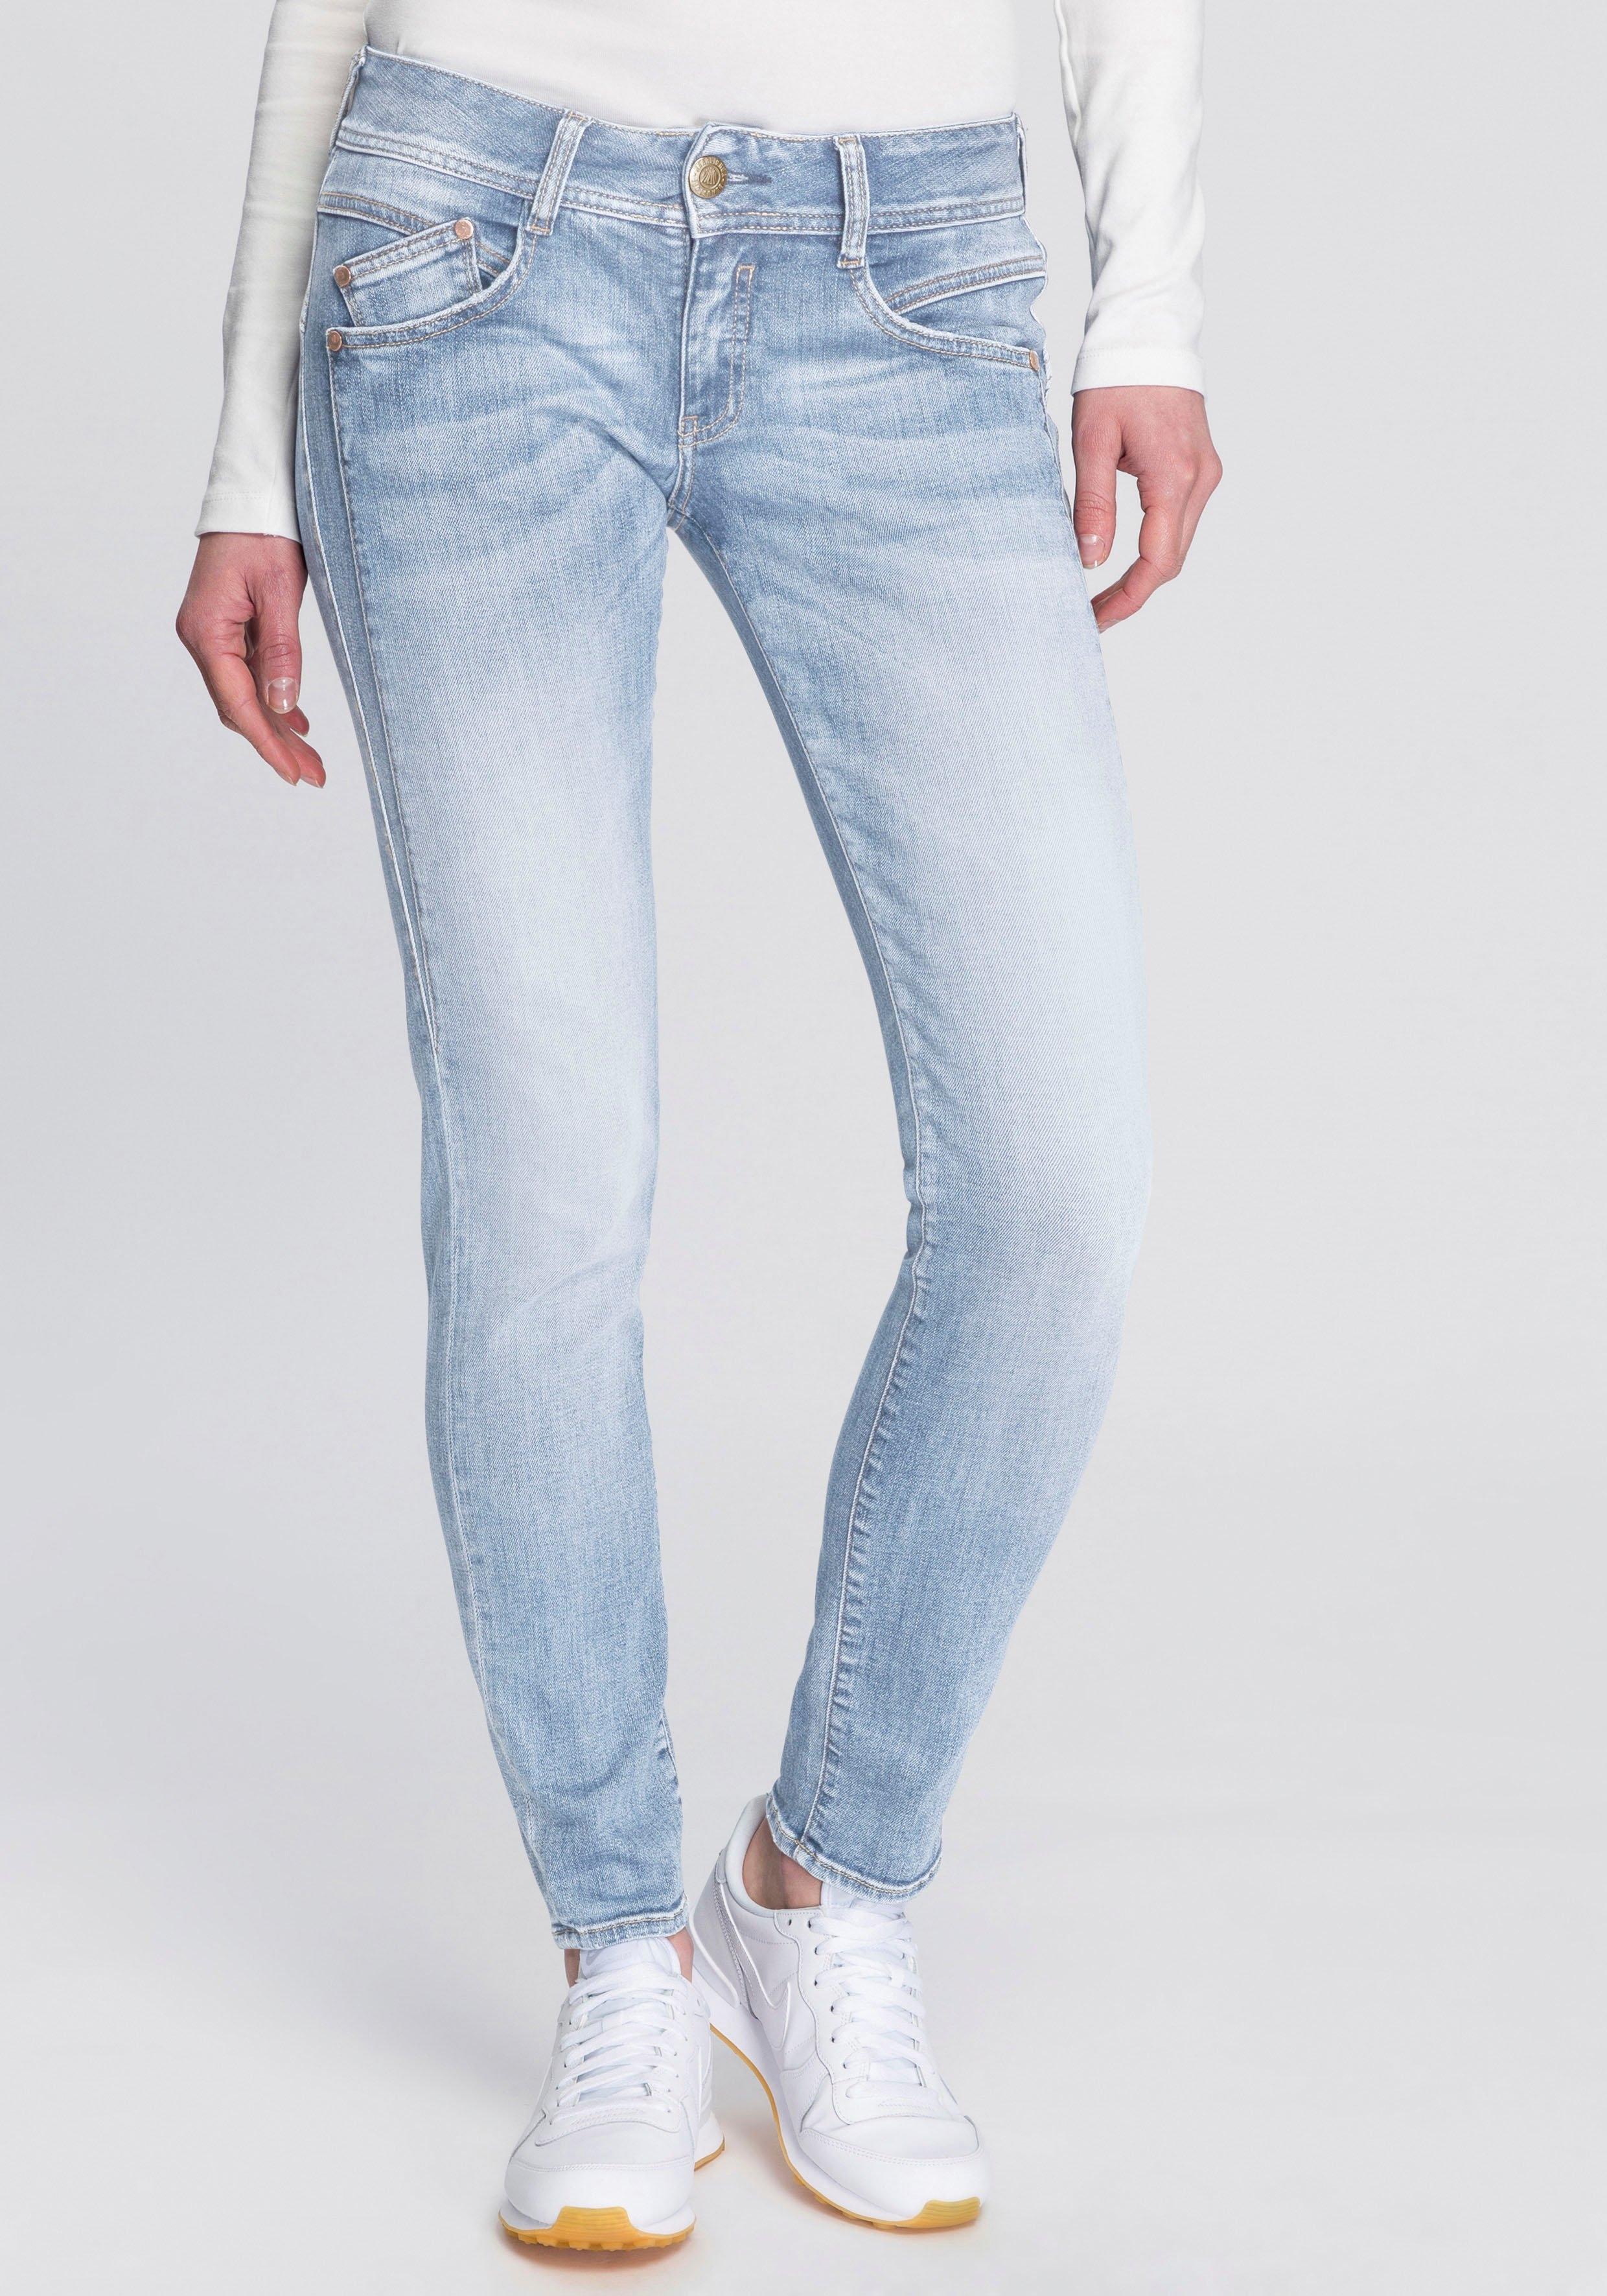 Herrlicher slim fit jeans GILA SLIM REUSED MS#014777 Herrlicher - verschillende betaalmethodes